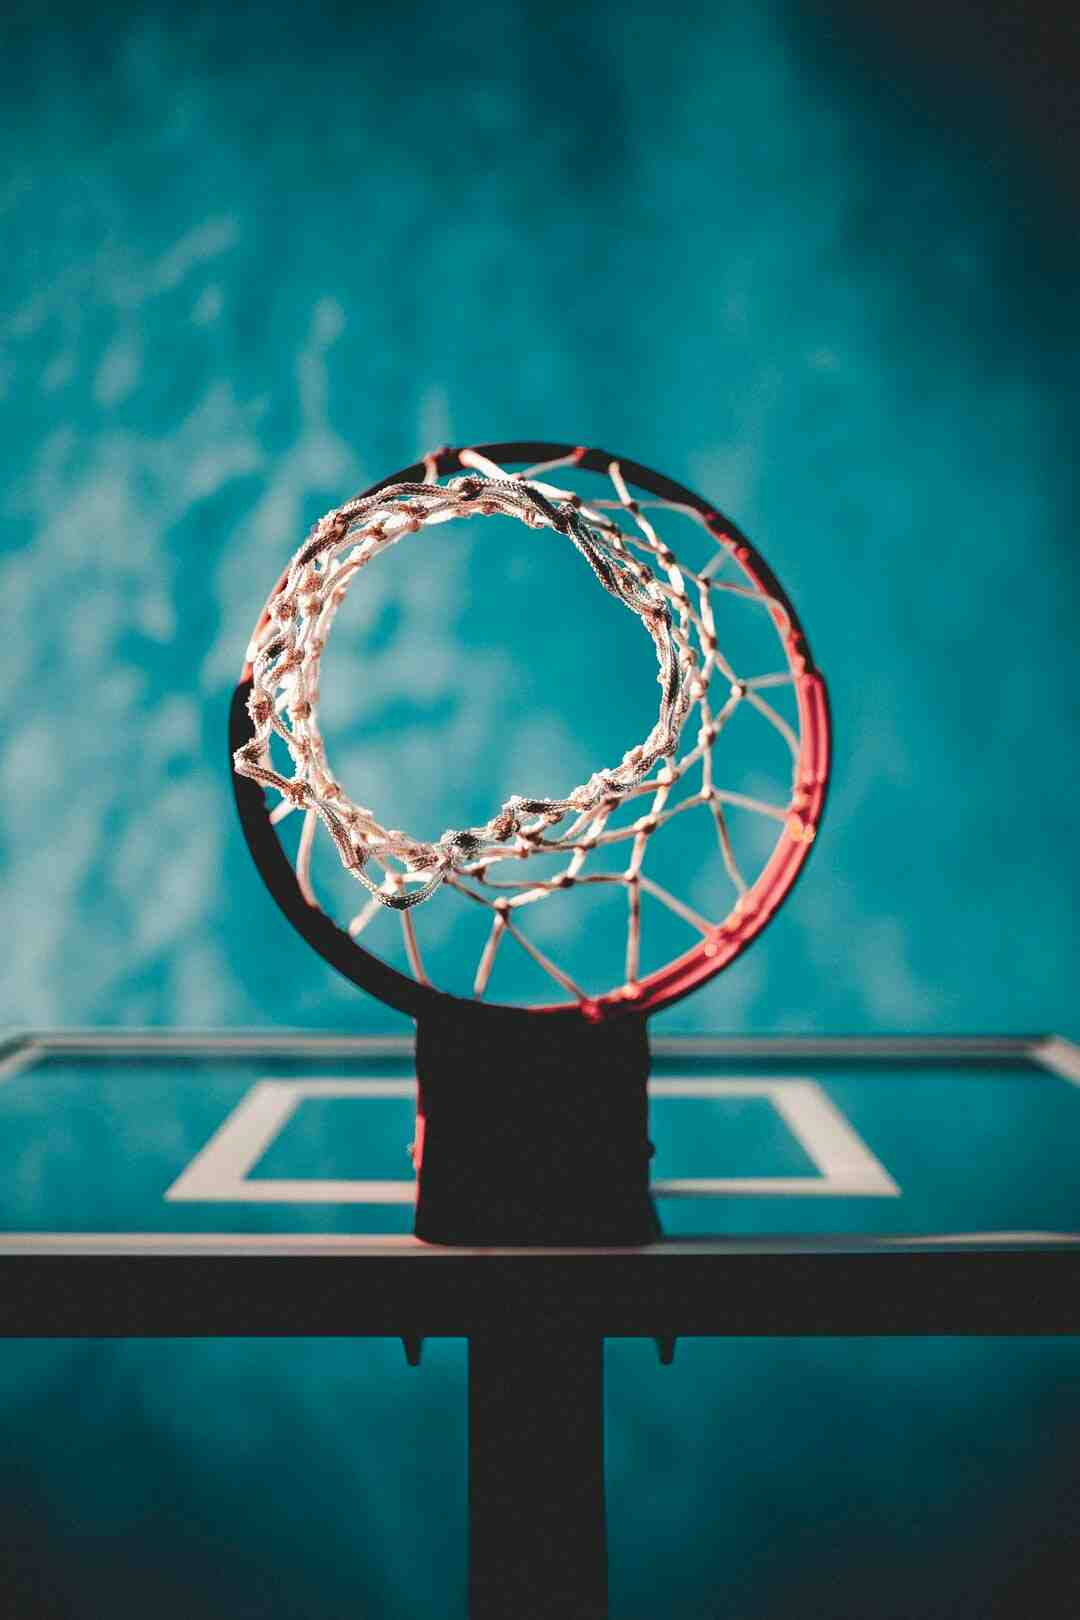 Quanto vale uma bandeja no basquete?